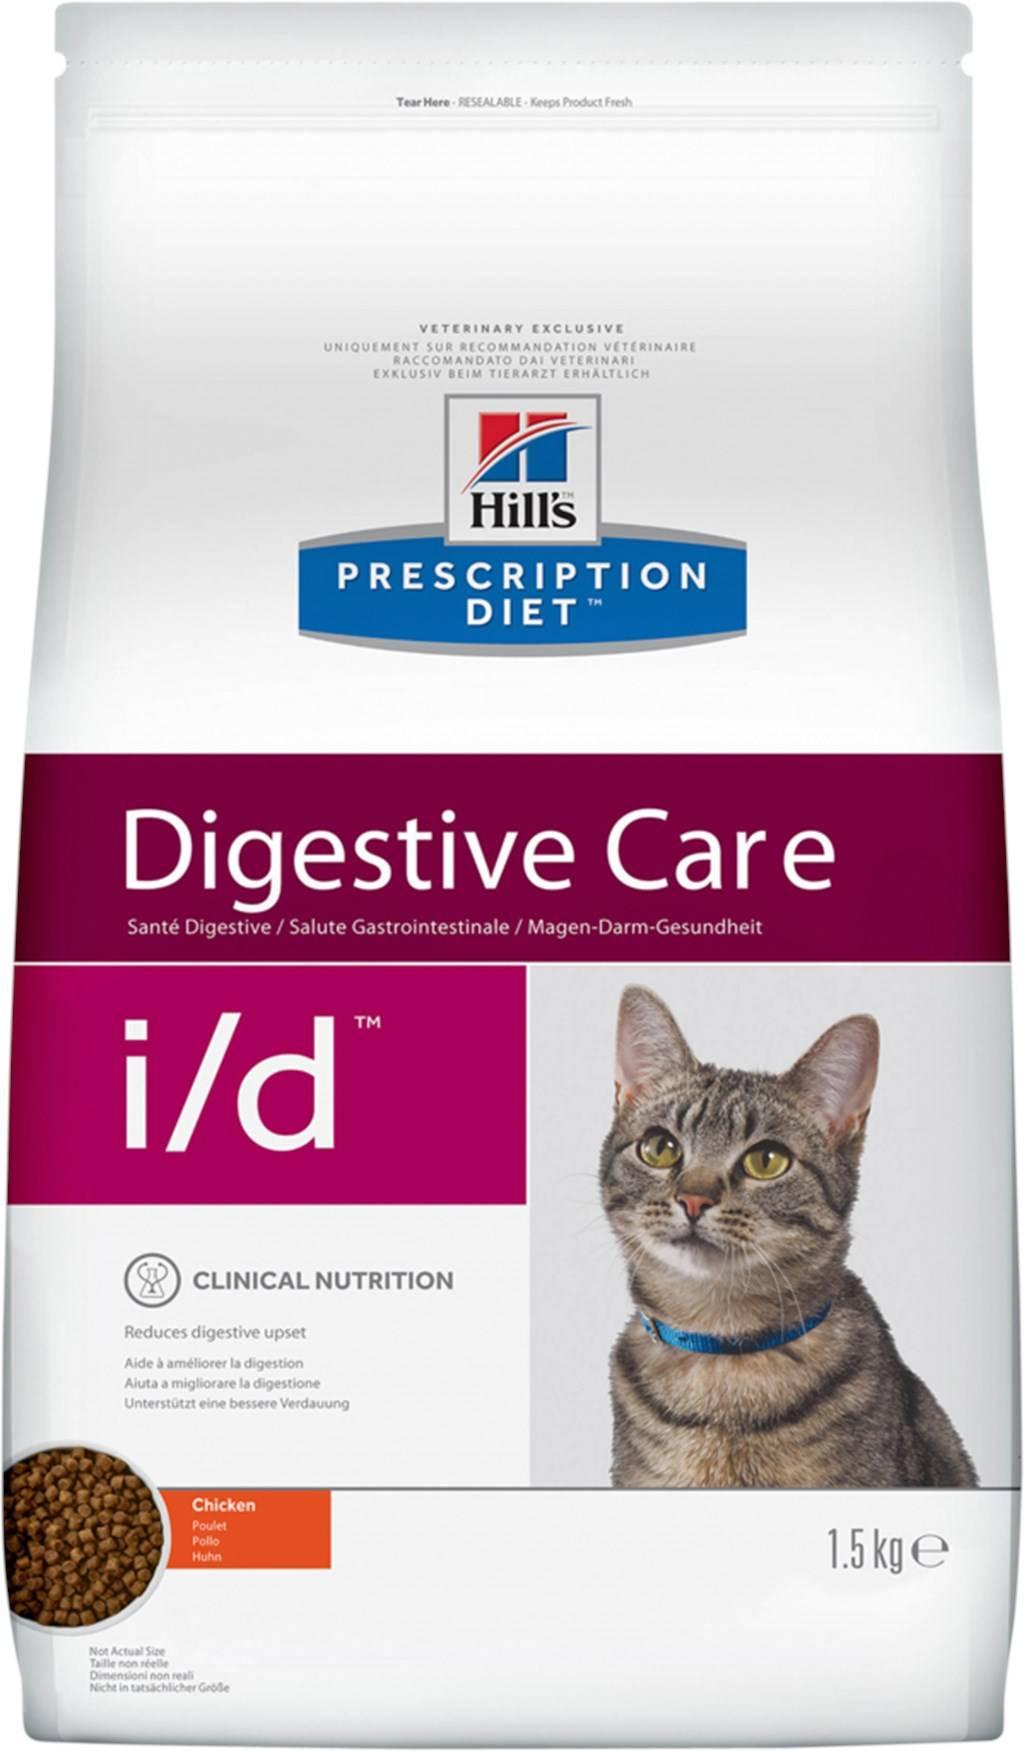 Корм хиллс для кошек — диетический рацион